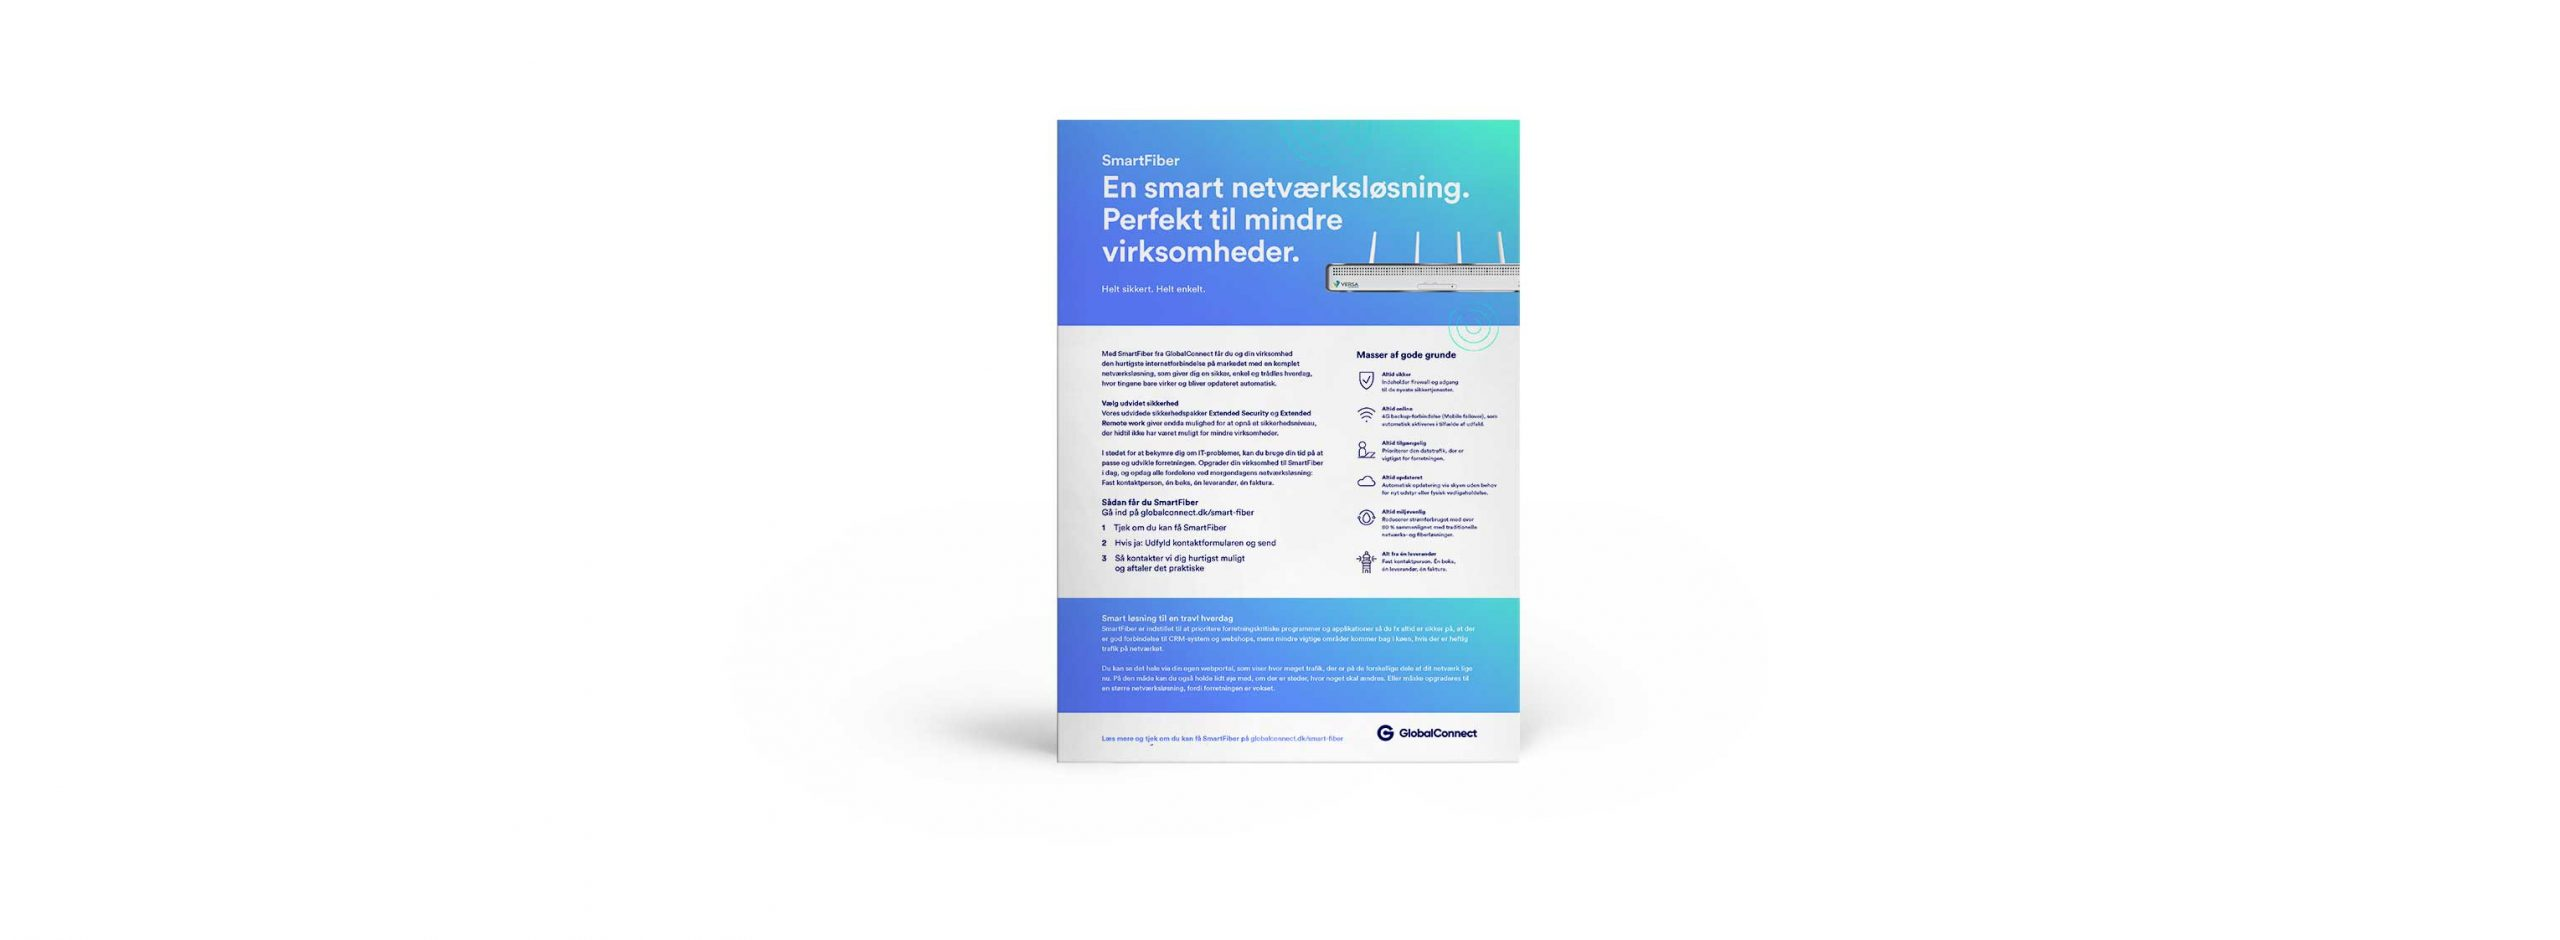 Smartfiber - fremtidens netværk for mindre virksomheder